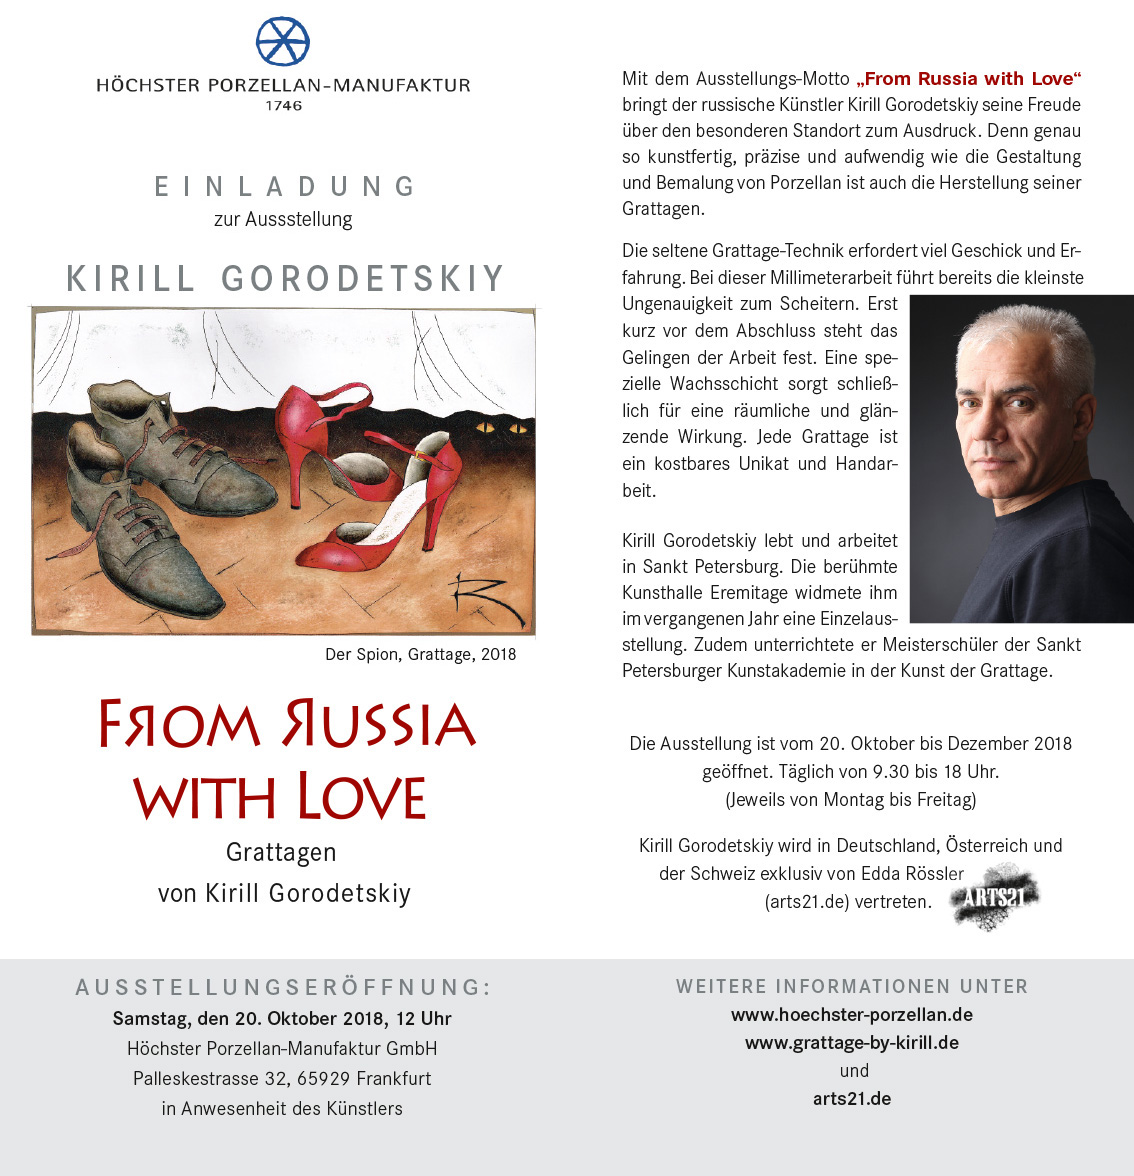 Vernissage Kirill Gorodetskiy in der Höchster Porzellan-Manufaktur